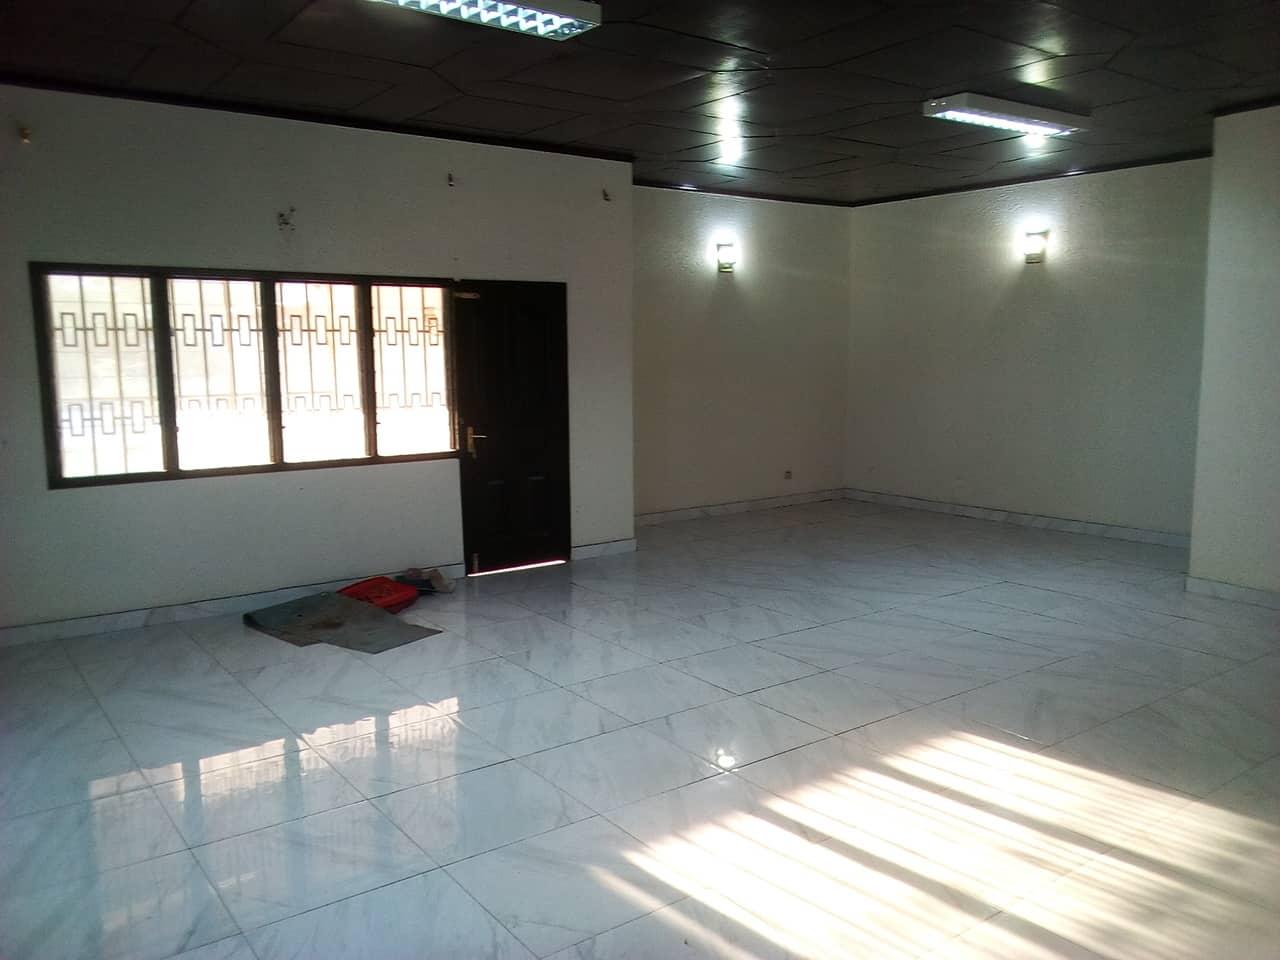 Office to rent at Yaoundé, Bastos, pas loin de ART - 500 m2 - 1 000 000 FCFA